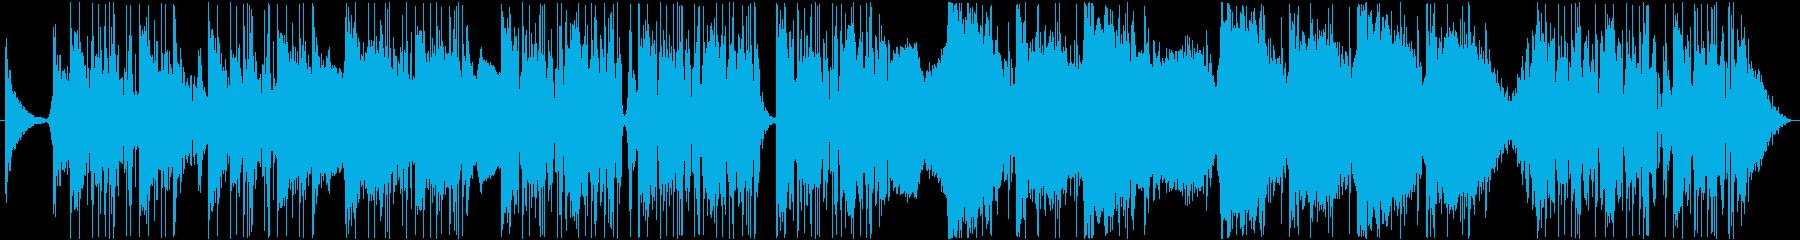 ポップ テクノ 現代的 交響曲 エ...の再生済みの波形